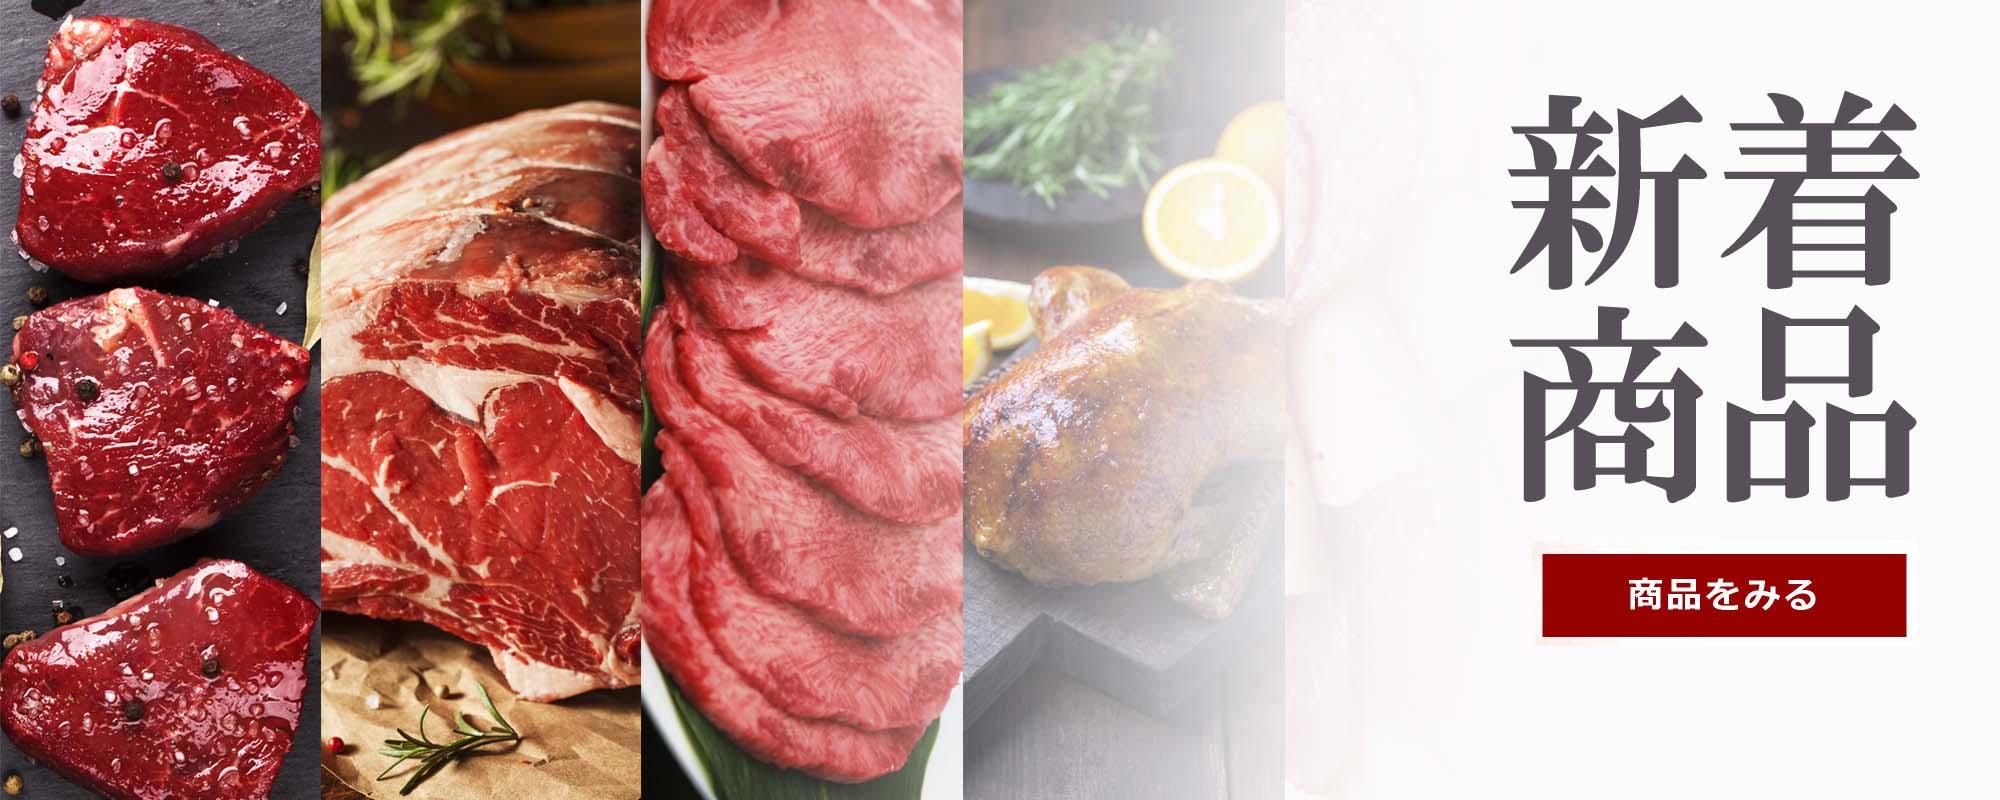 500種類の人気のお肉 お得な通販 ミートガイ公式サイト